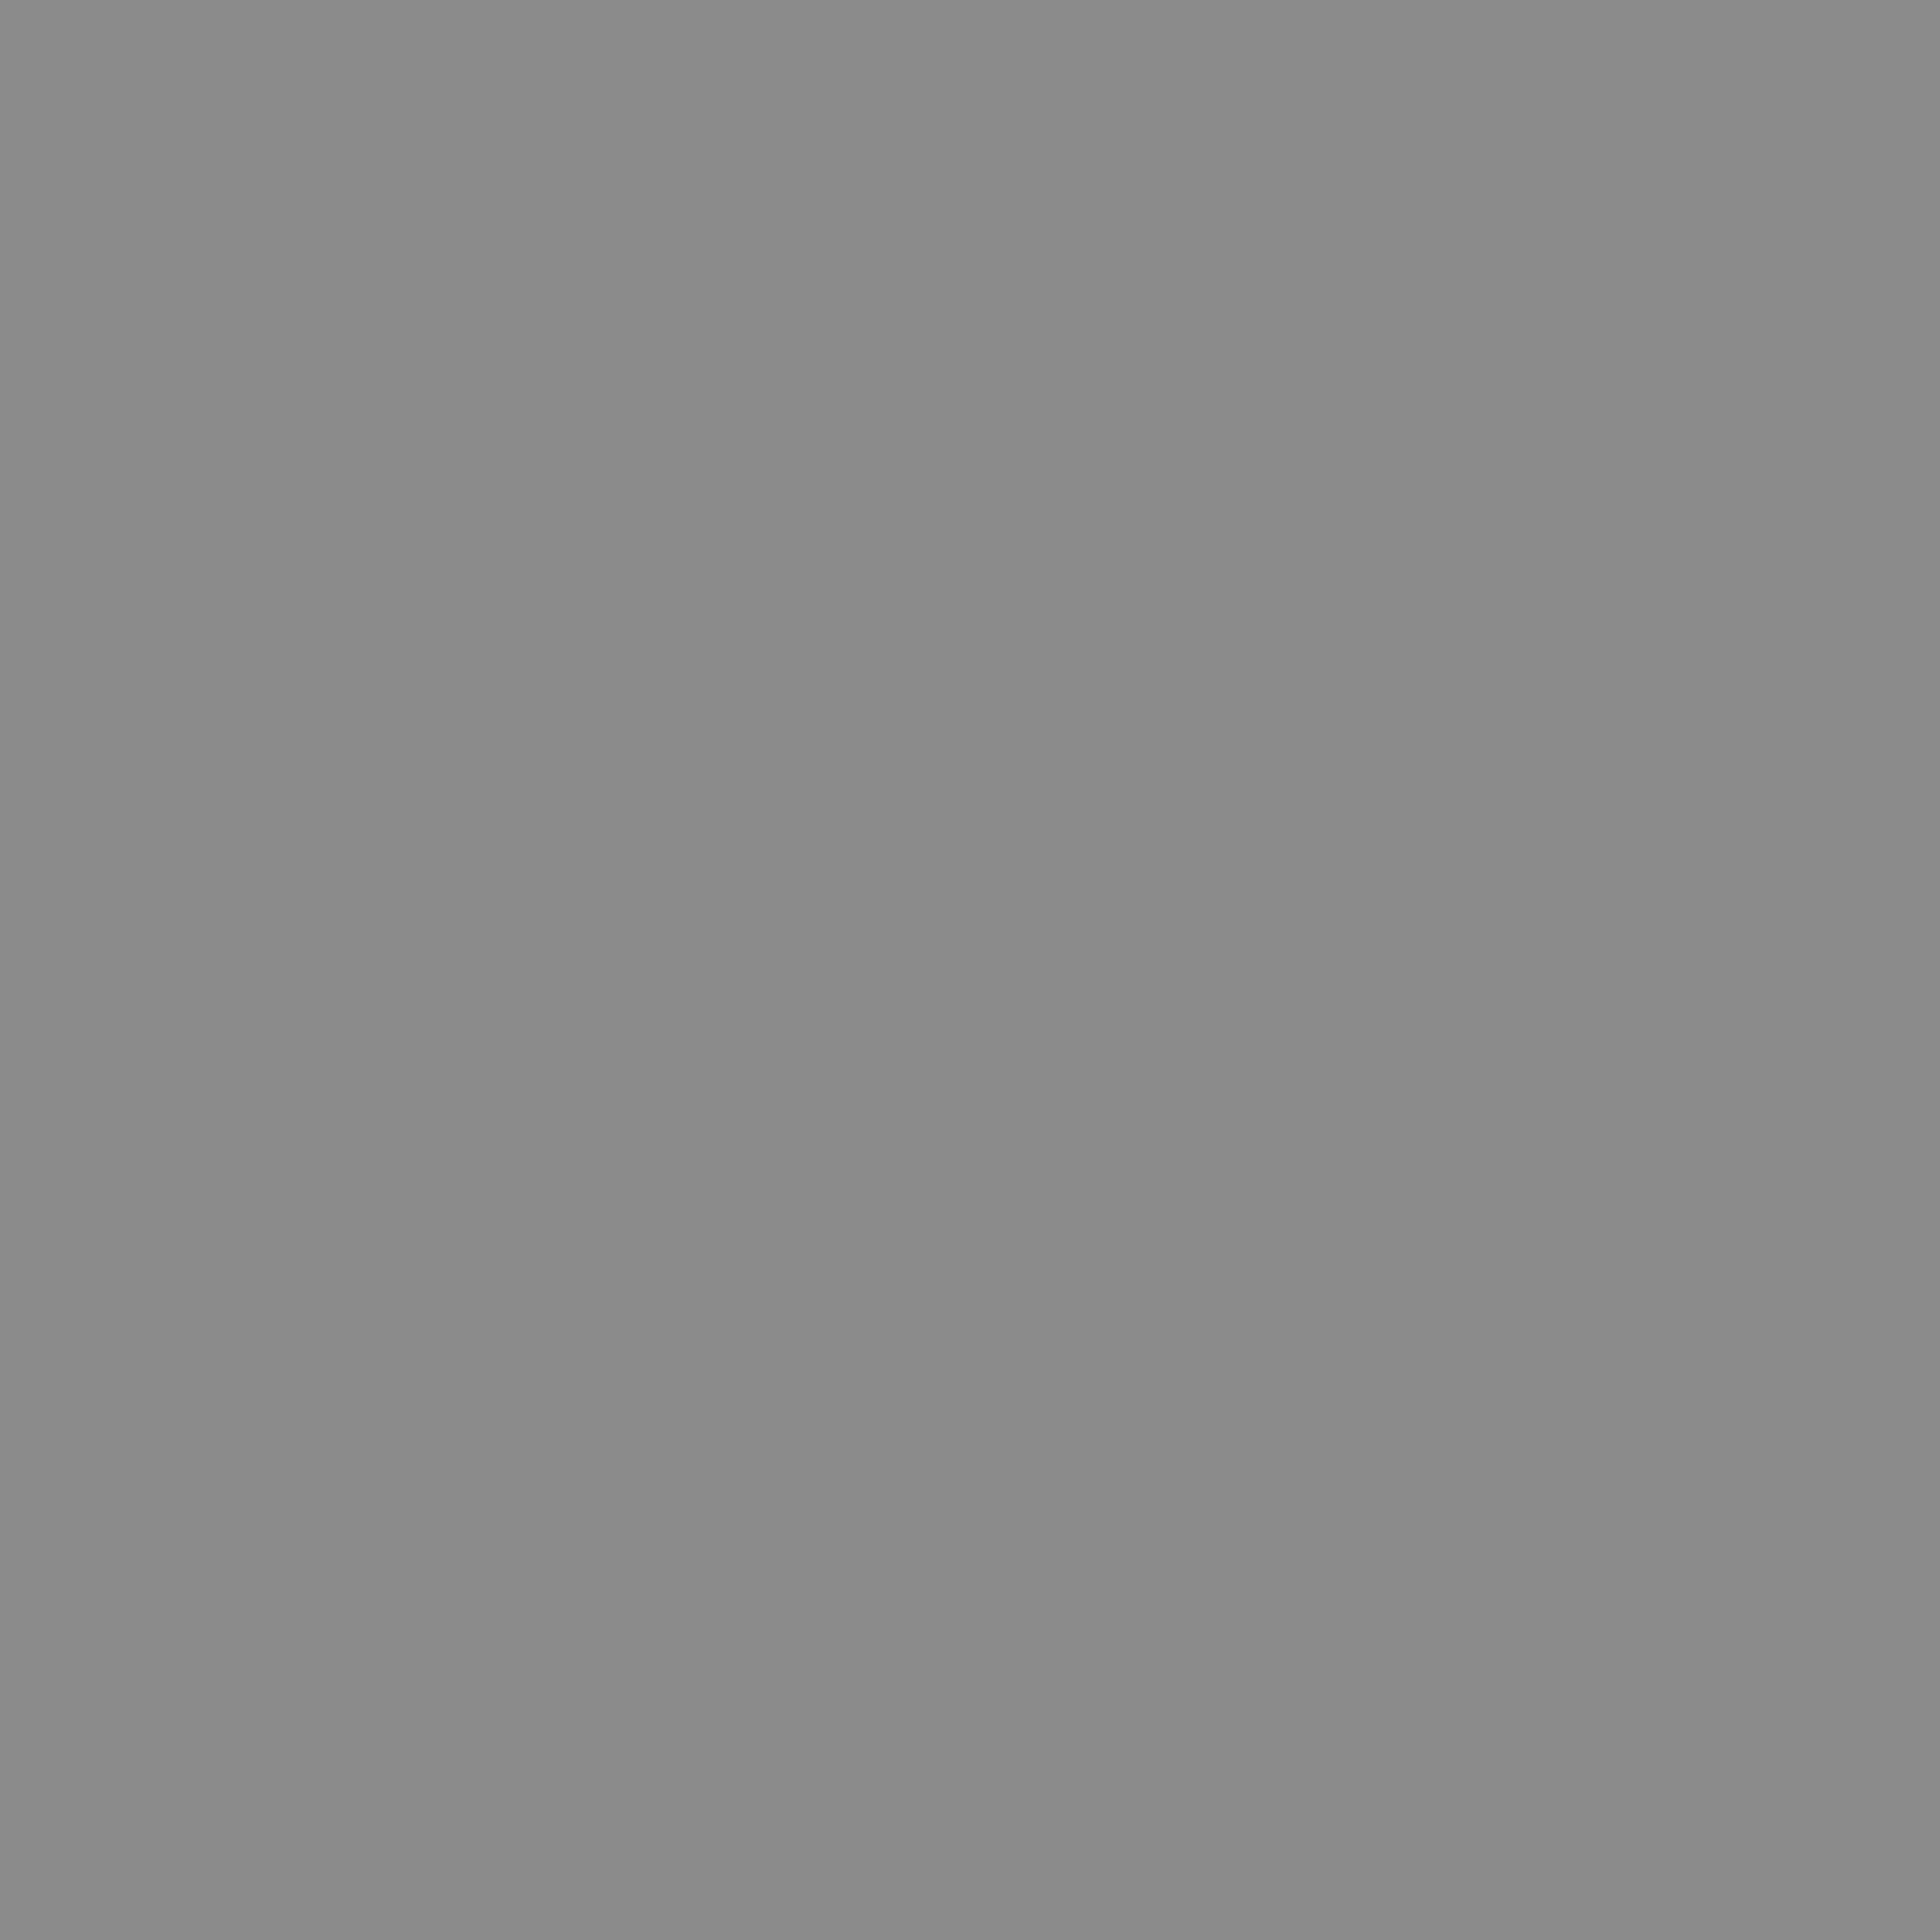 Nero-grey